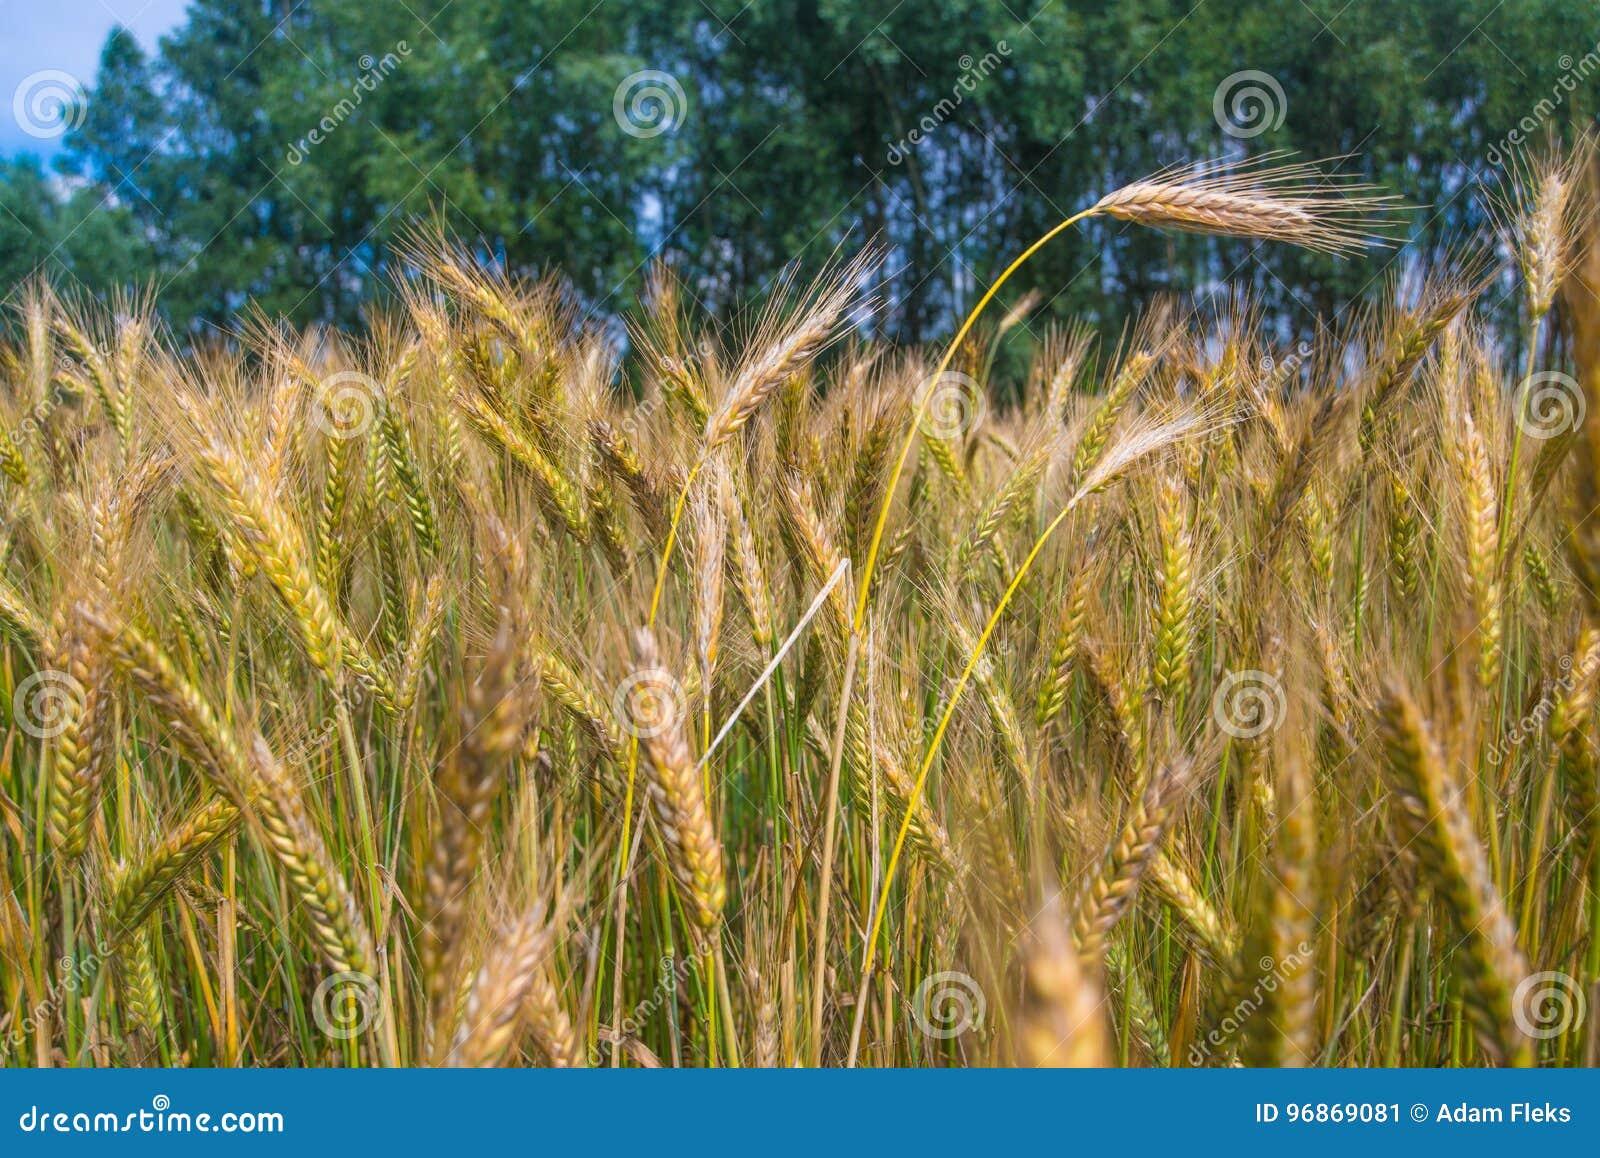 Champ de blé d or grandissant sous le ciel bleu